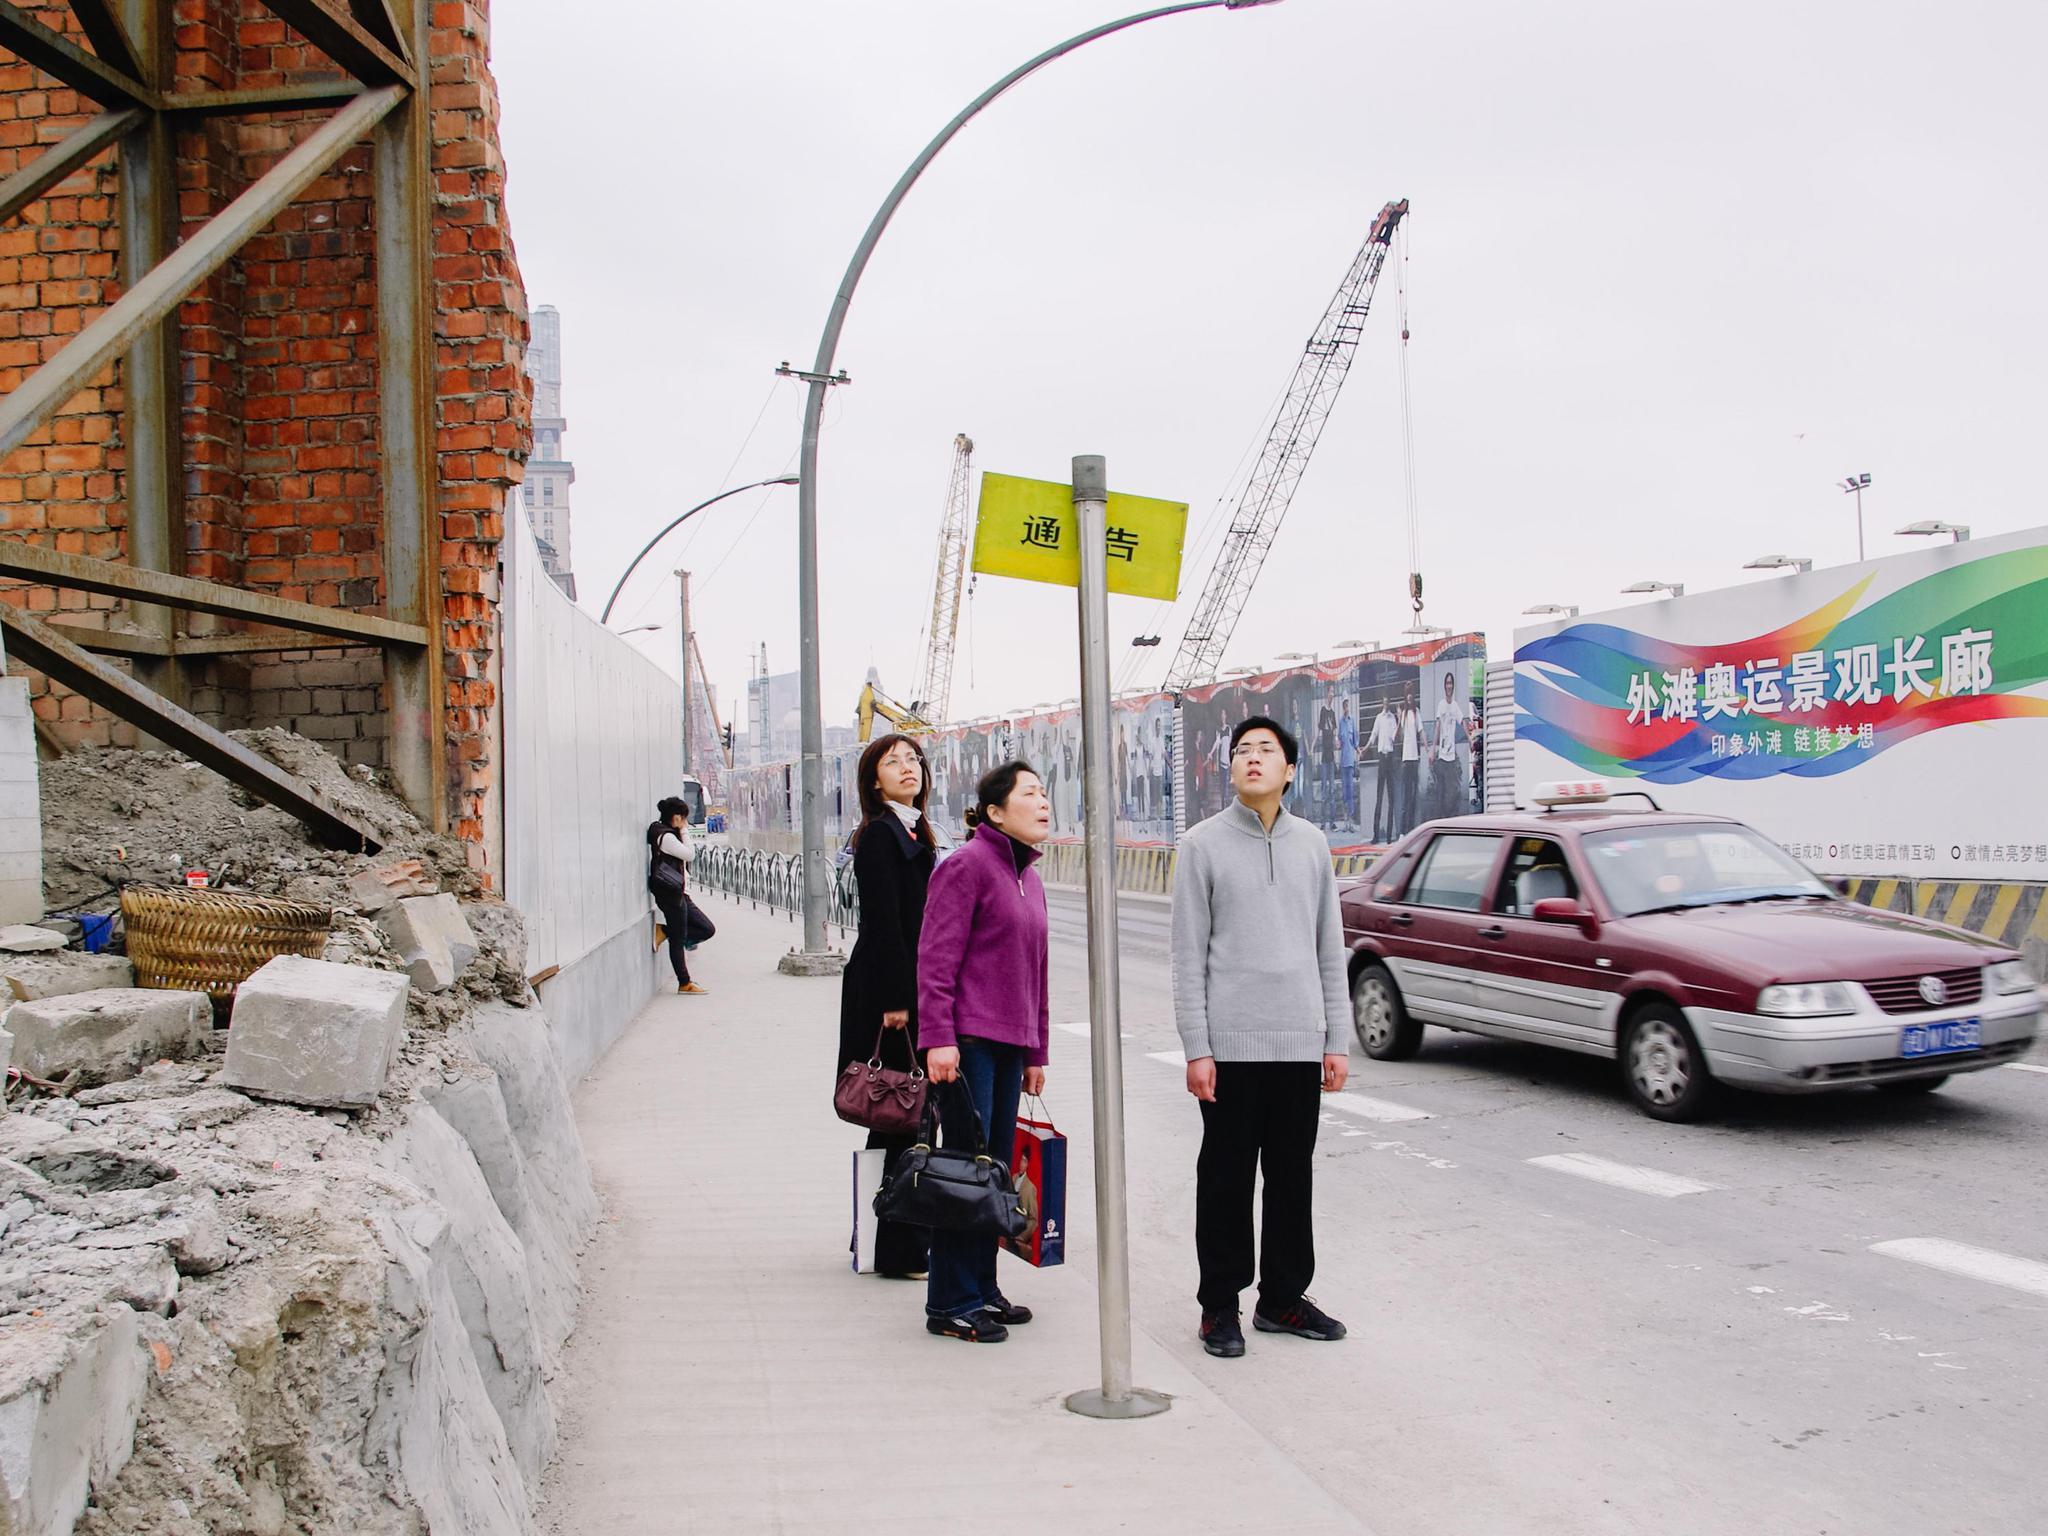 未来城市思辨   旧城记忆是馈赠给未来的航标